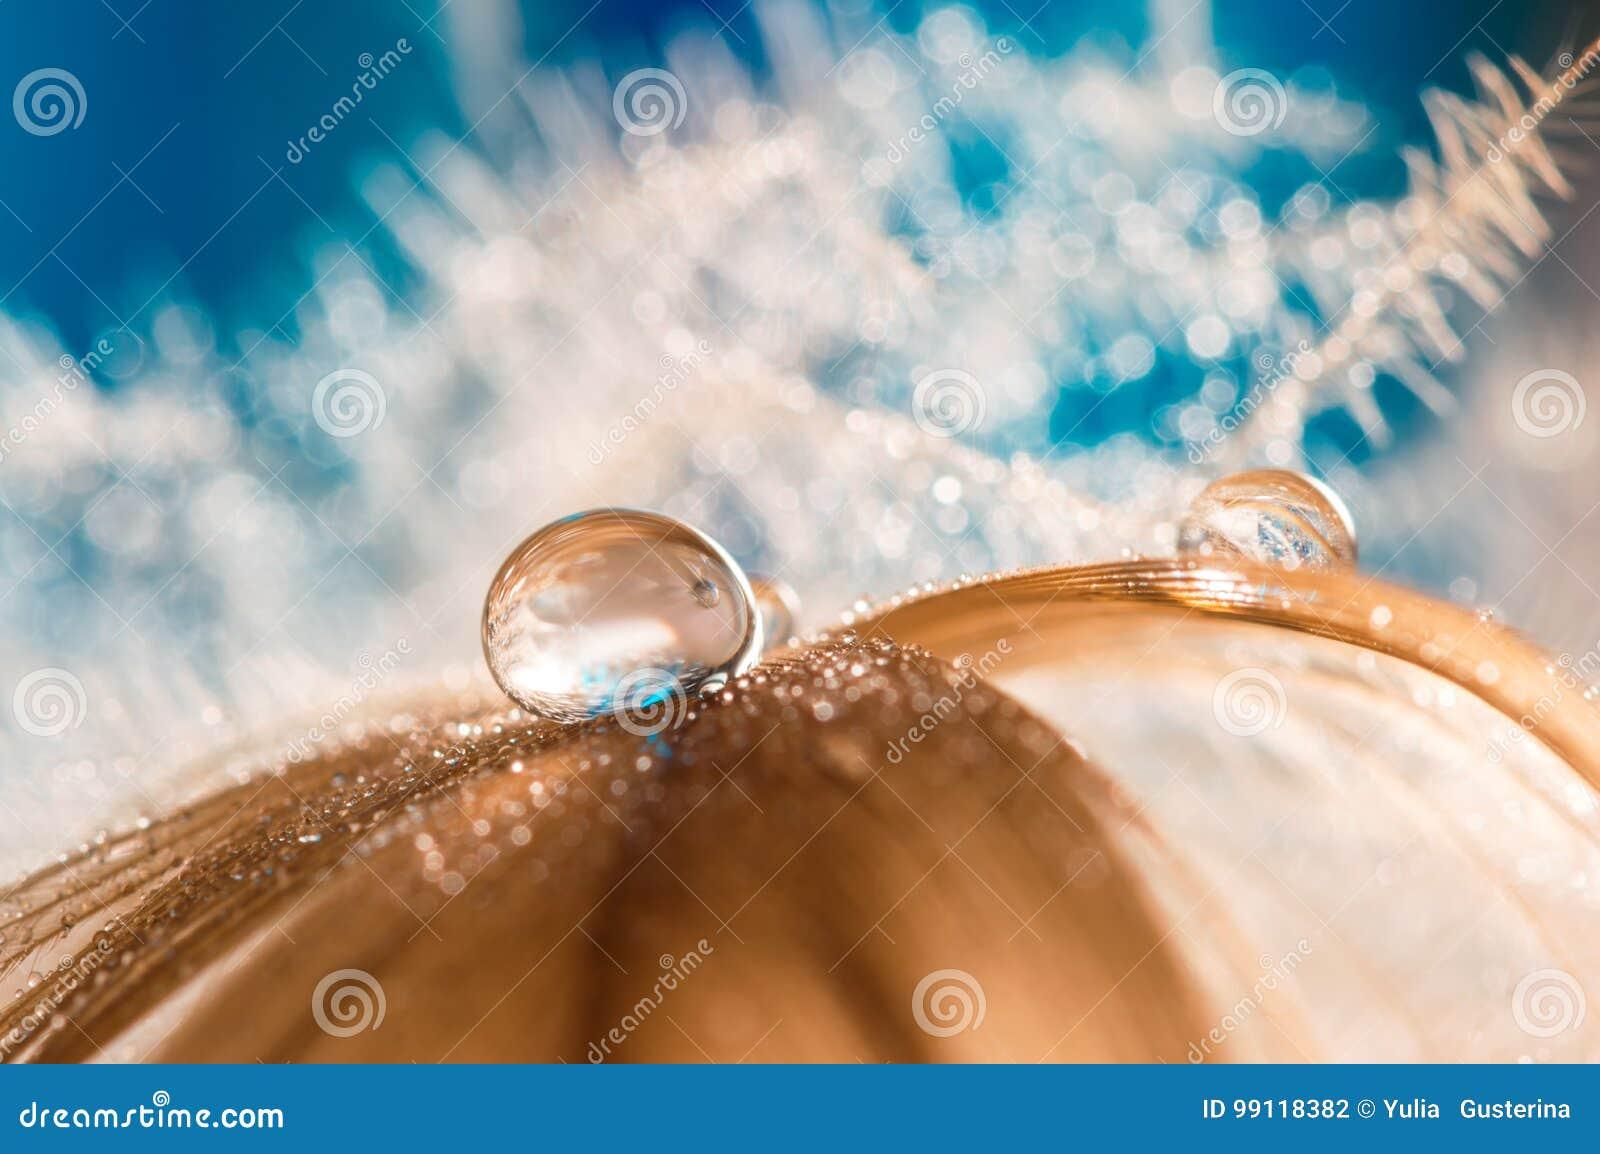 Befjädra fågeln av guld eller guling med vattendroppar på en blå bakgrund Abstrakt makro med en svanfjäder